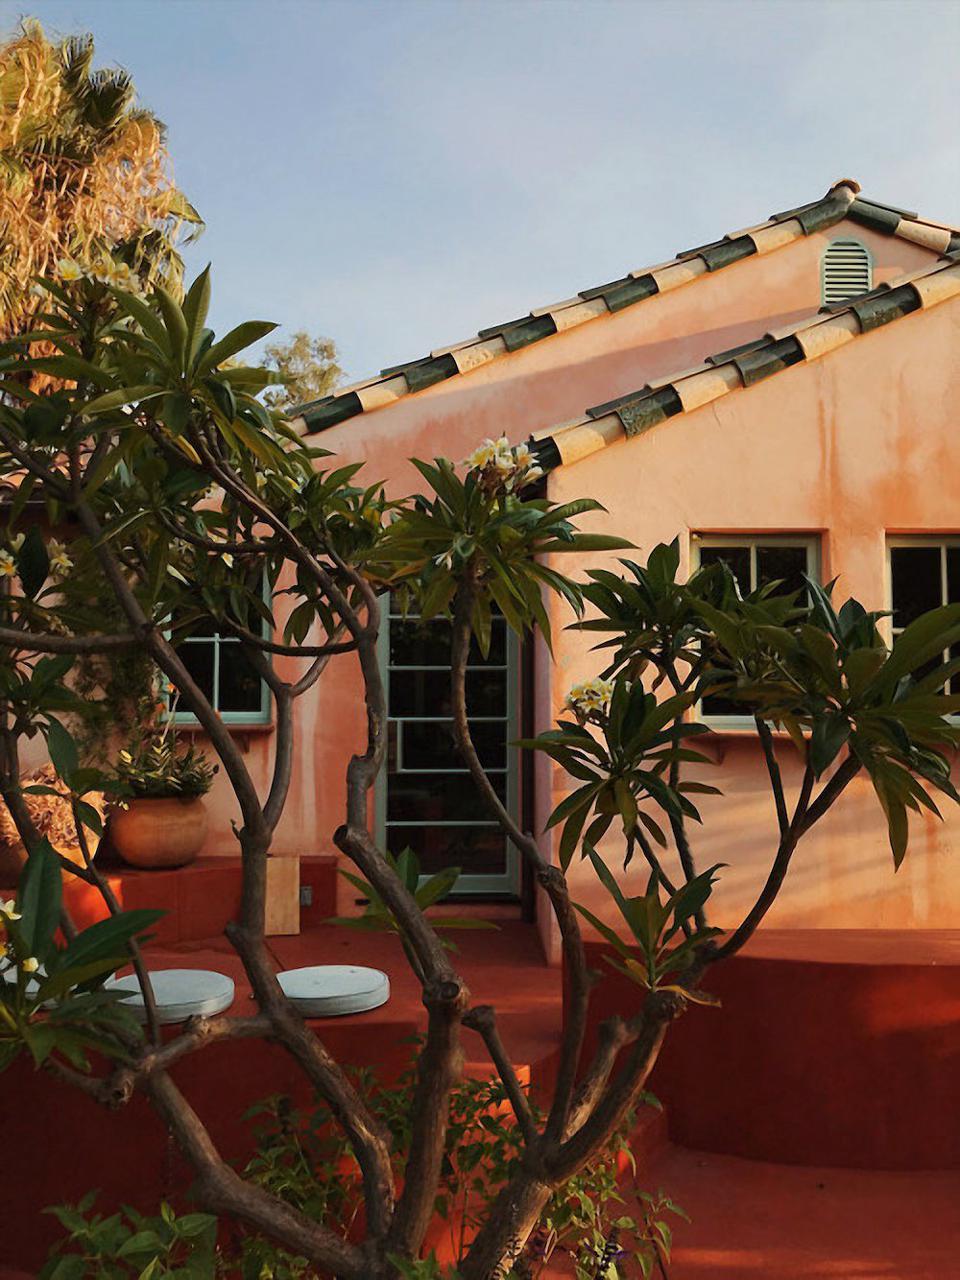 Flamingo Estate est une destination de style de vie de bien-être à Los Angeles située au sommet d'Eagles Rock